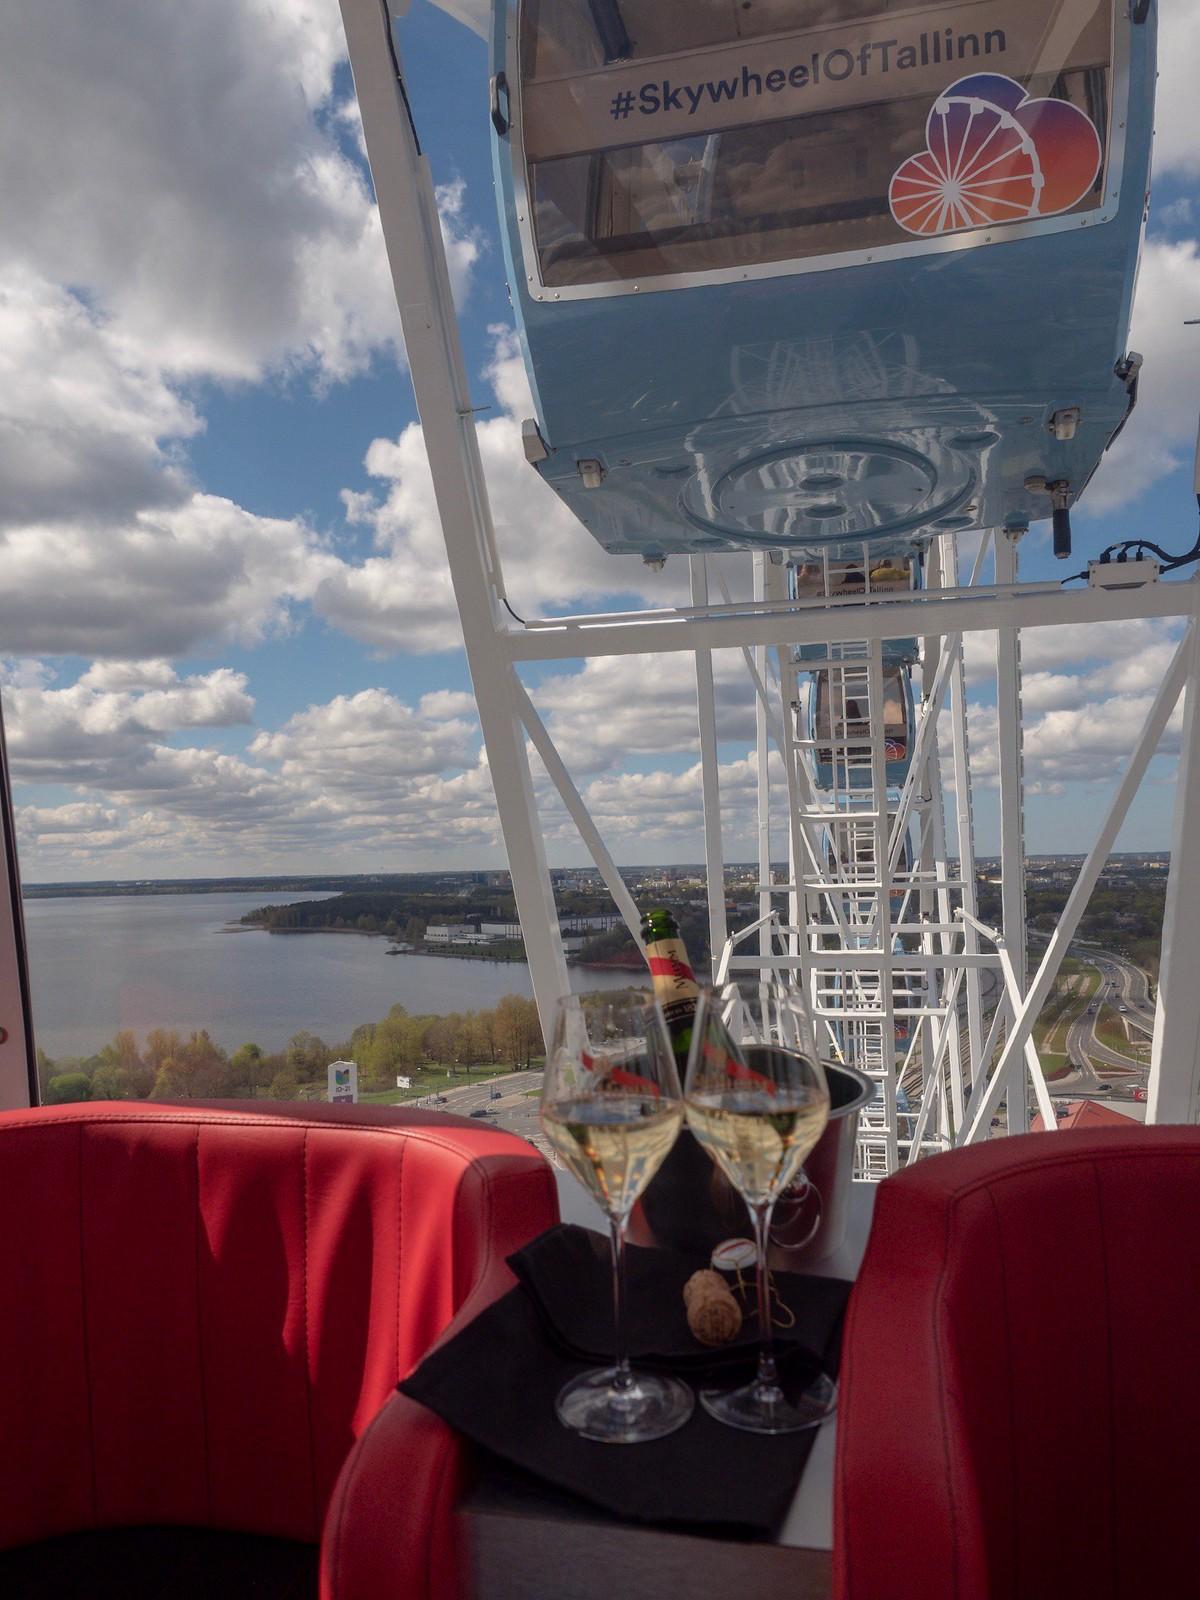 Skywheel of Tallinn